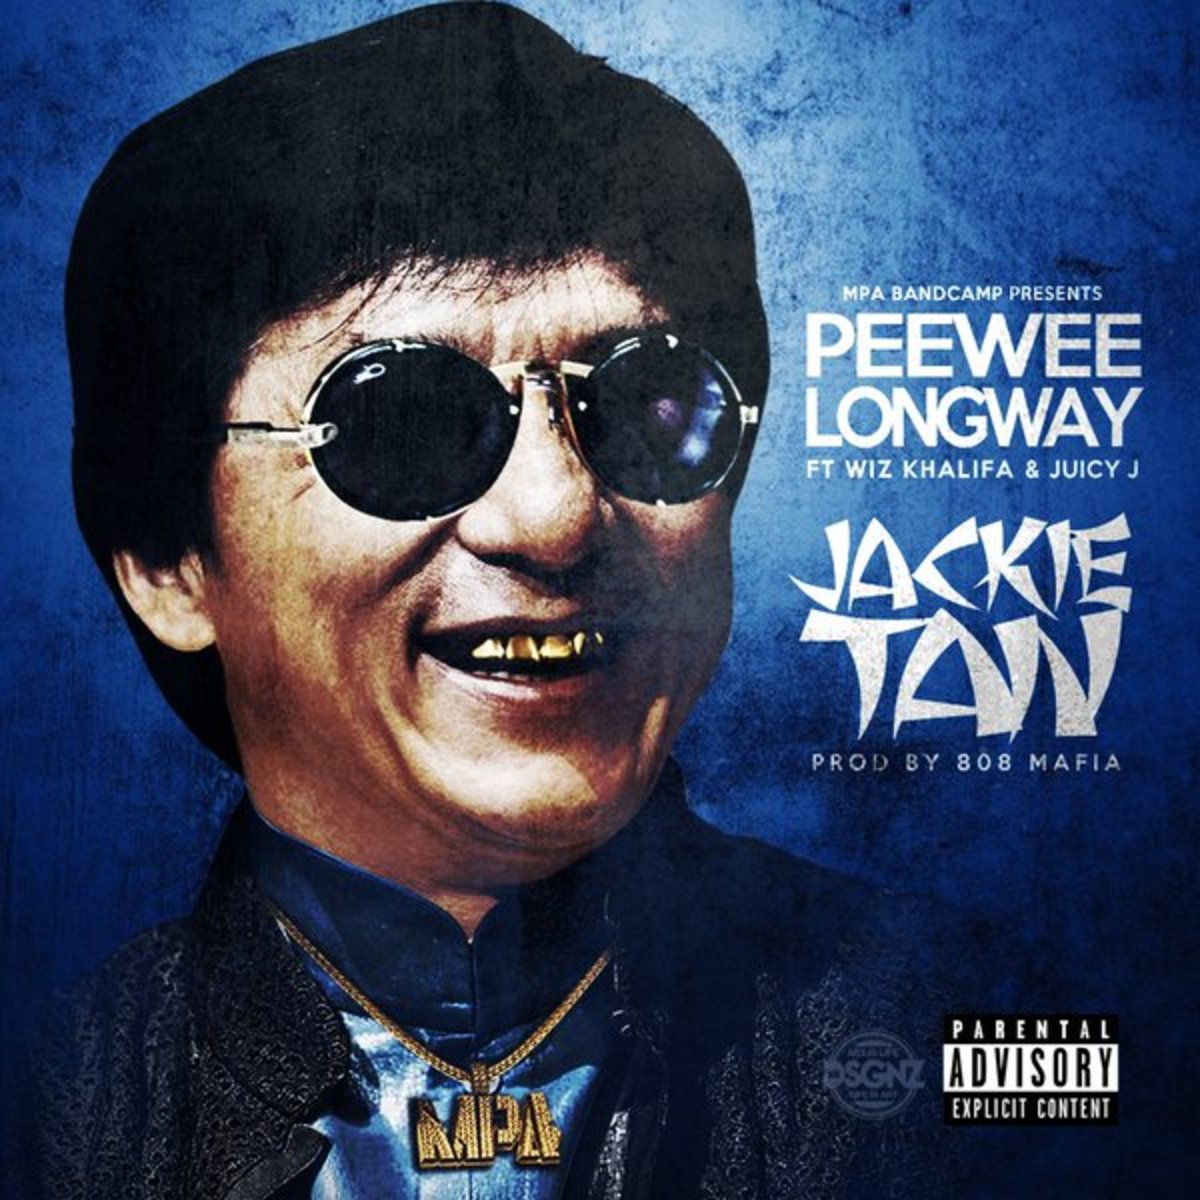 peewee-longway-jackie-tan.jpg